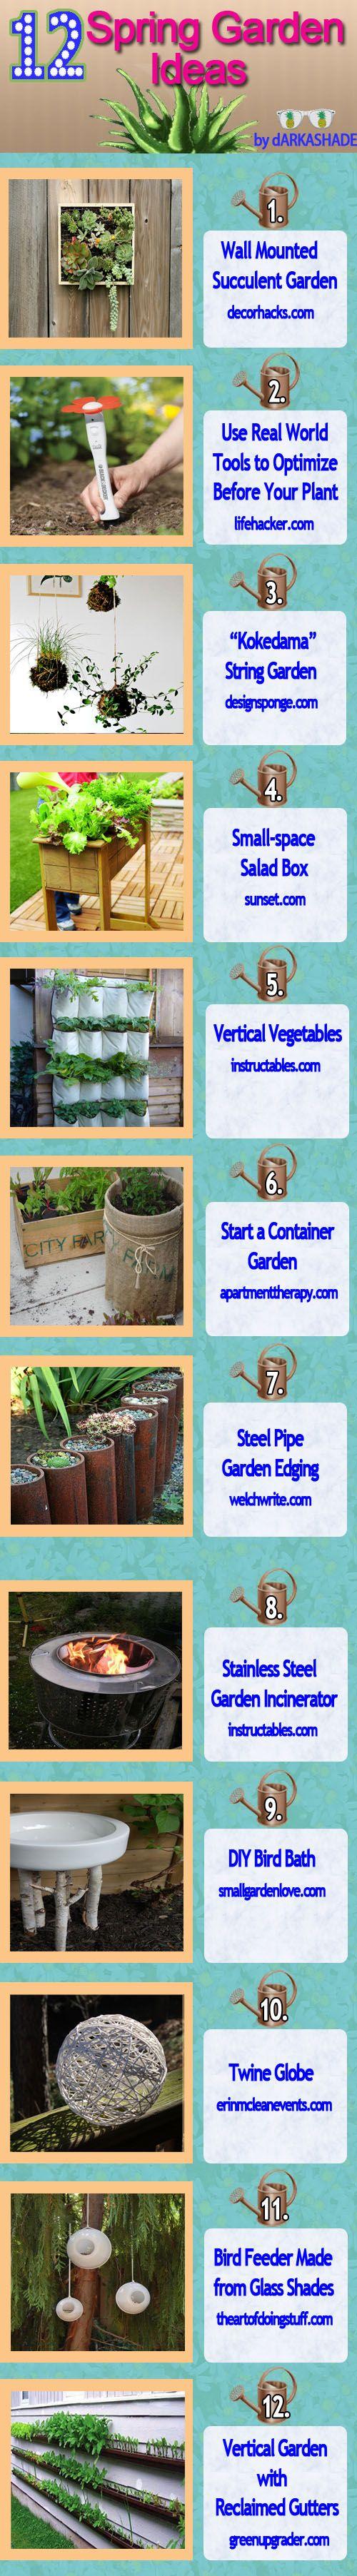 12 Spring Garden Ideas: Garden Ideas, Creative Ideas, Gardening Ideas, Awesome Ideas, Gardens, Spring Garden, 12 Spring, Craft Ideas